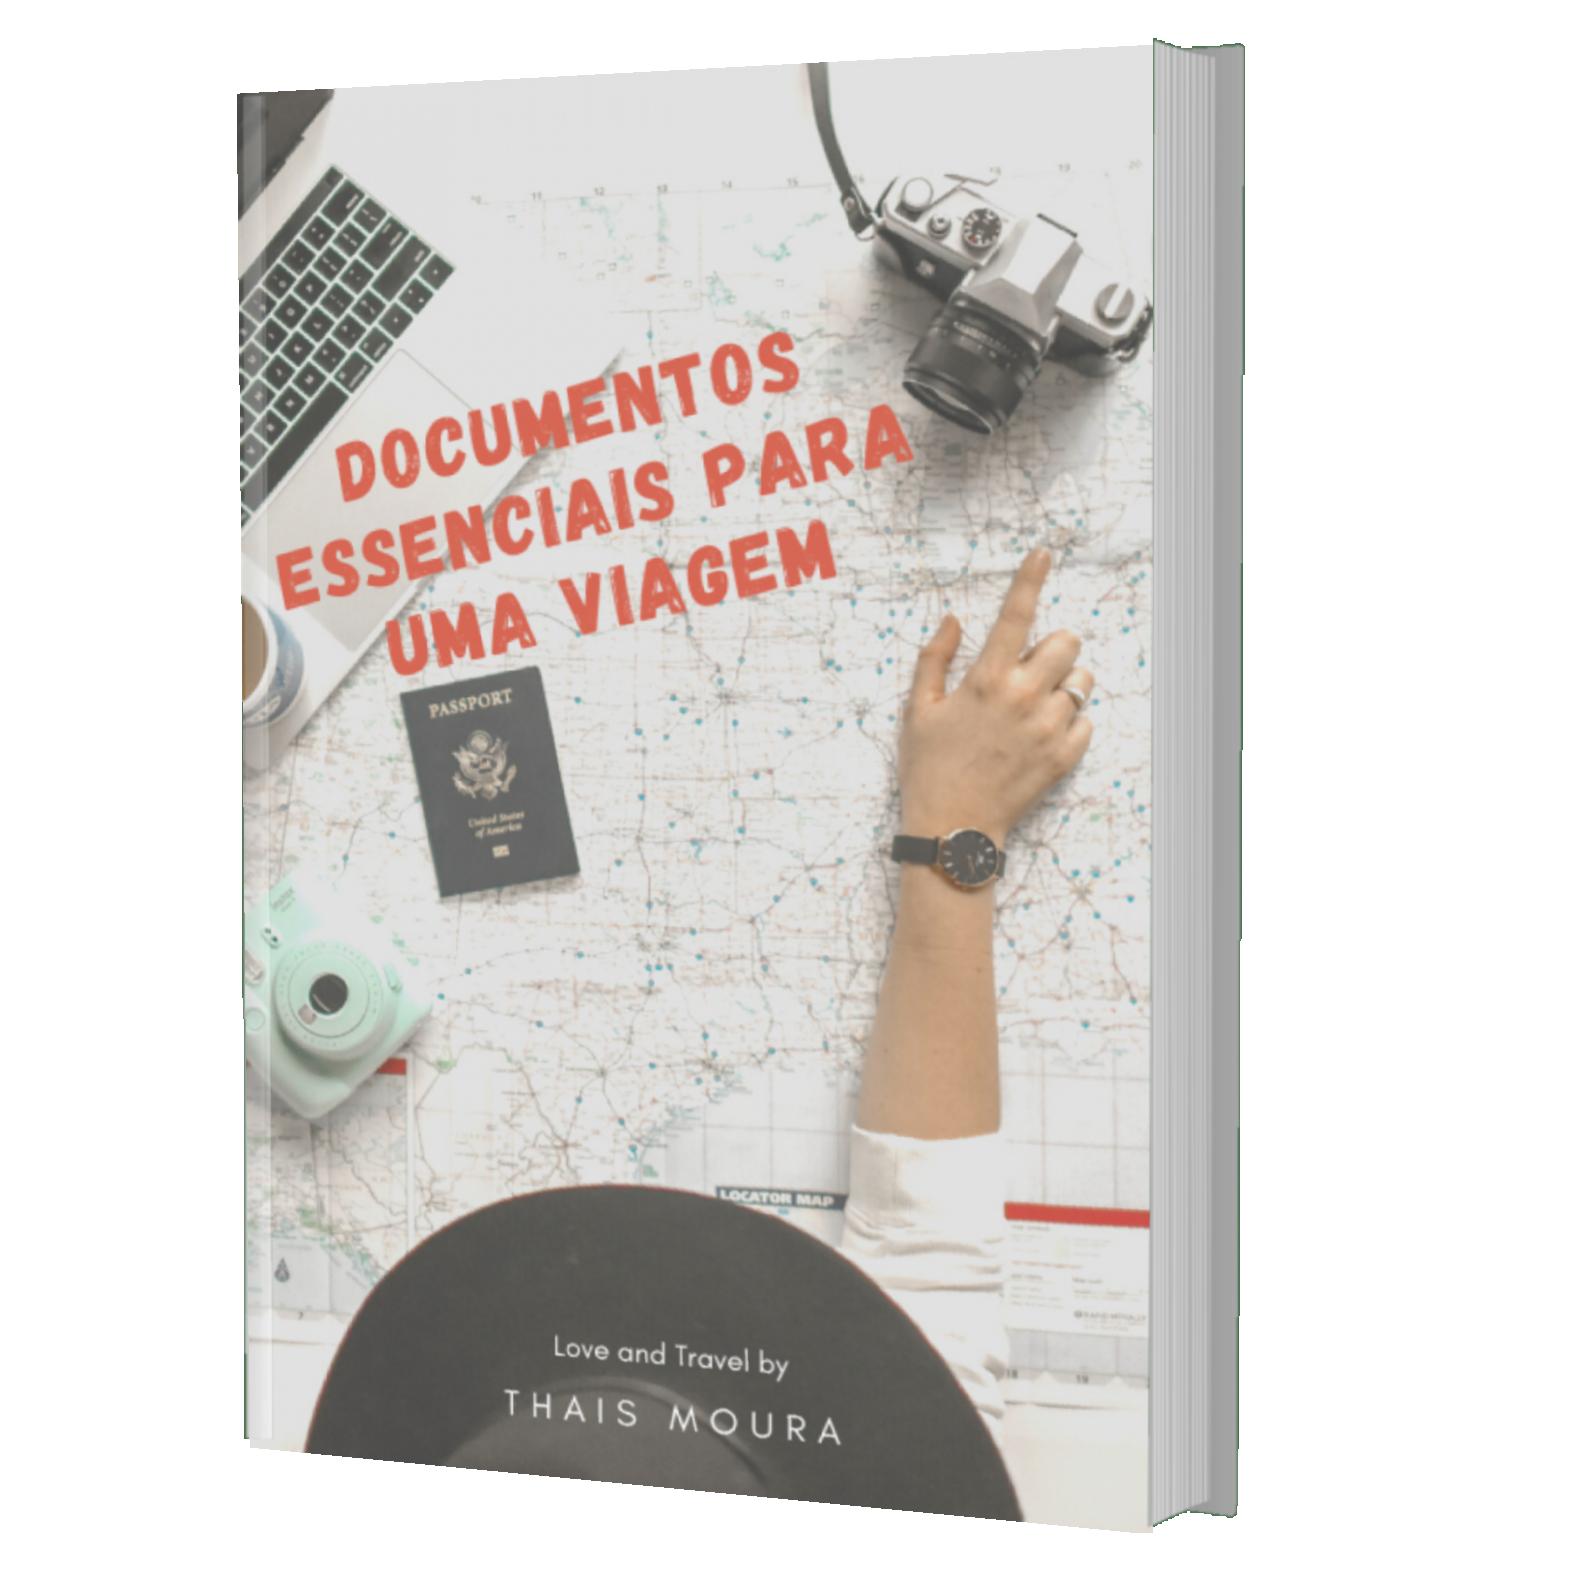 Ebook documentos essenciais para uma viagem